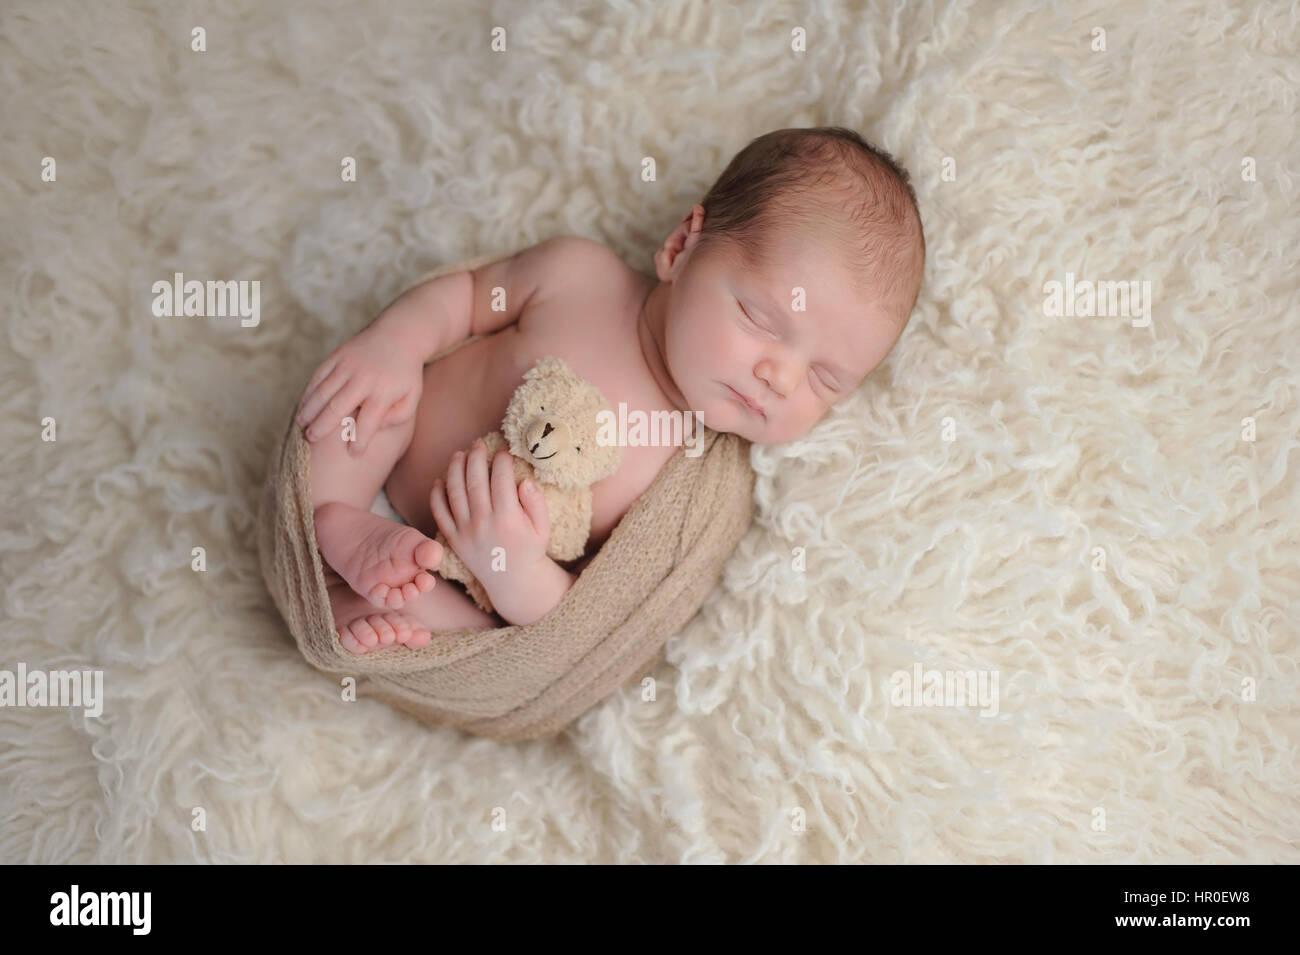 9d710bed0e Due settimane vecchio neonato boy swaddled in un beige wrap. Egli è di  dormire su